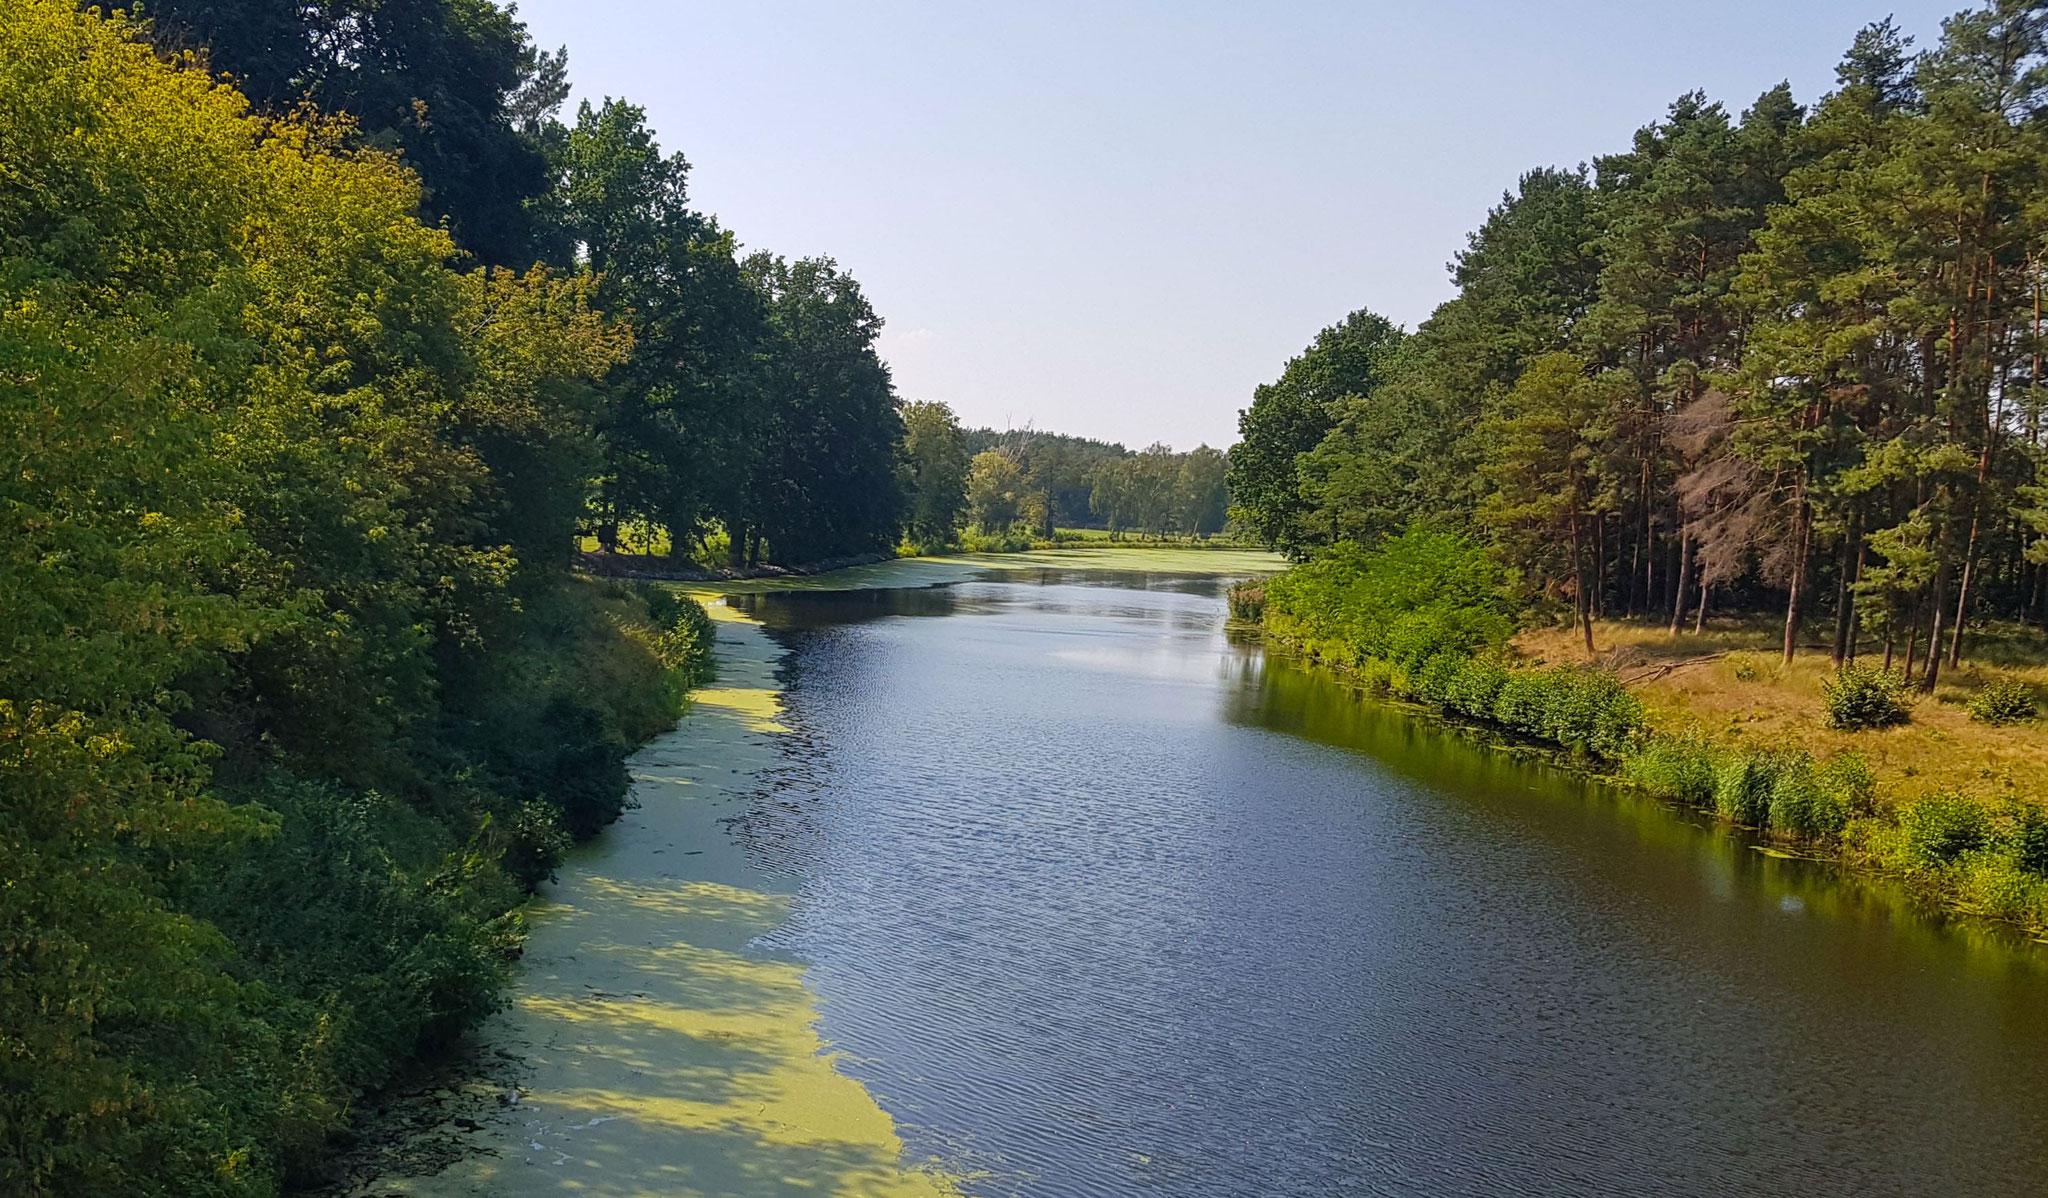 Oder-Spree-Kanal von der Brücke geknipst